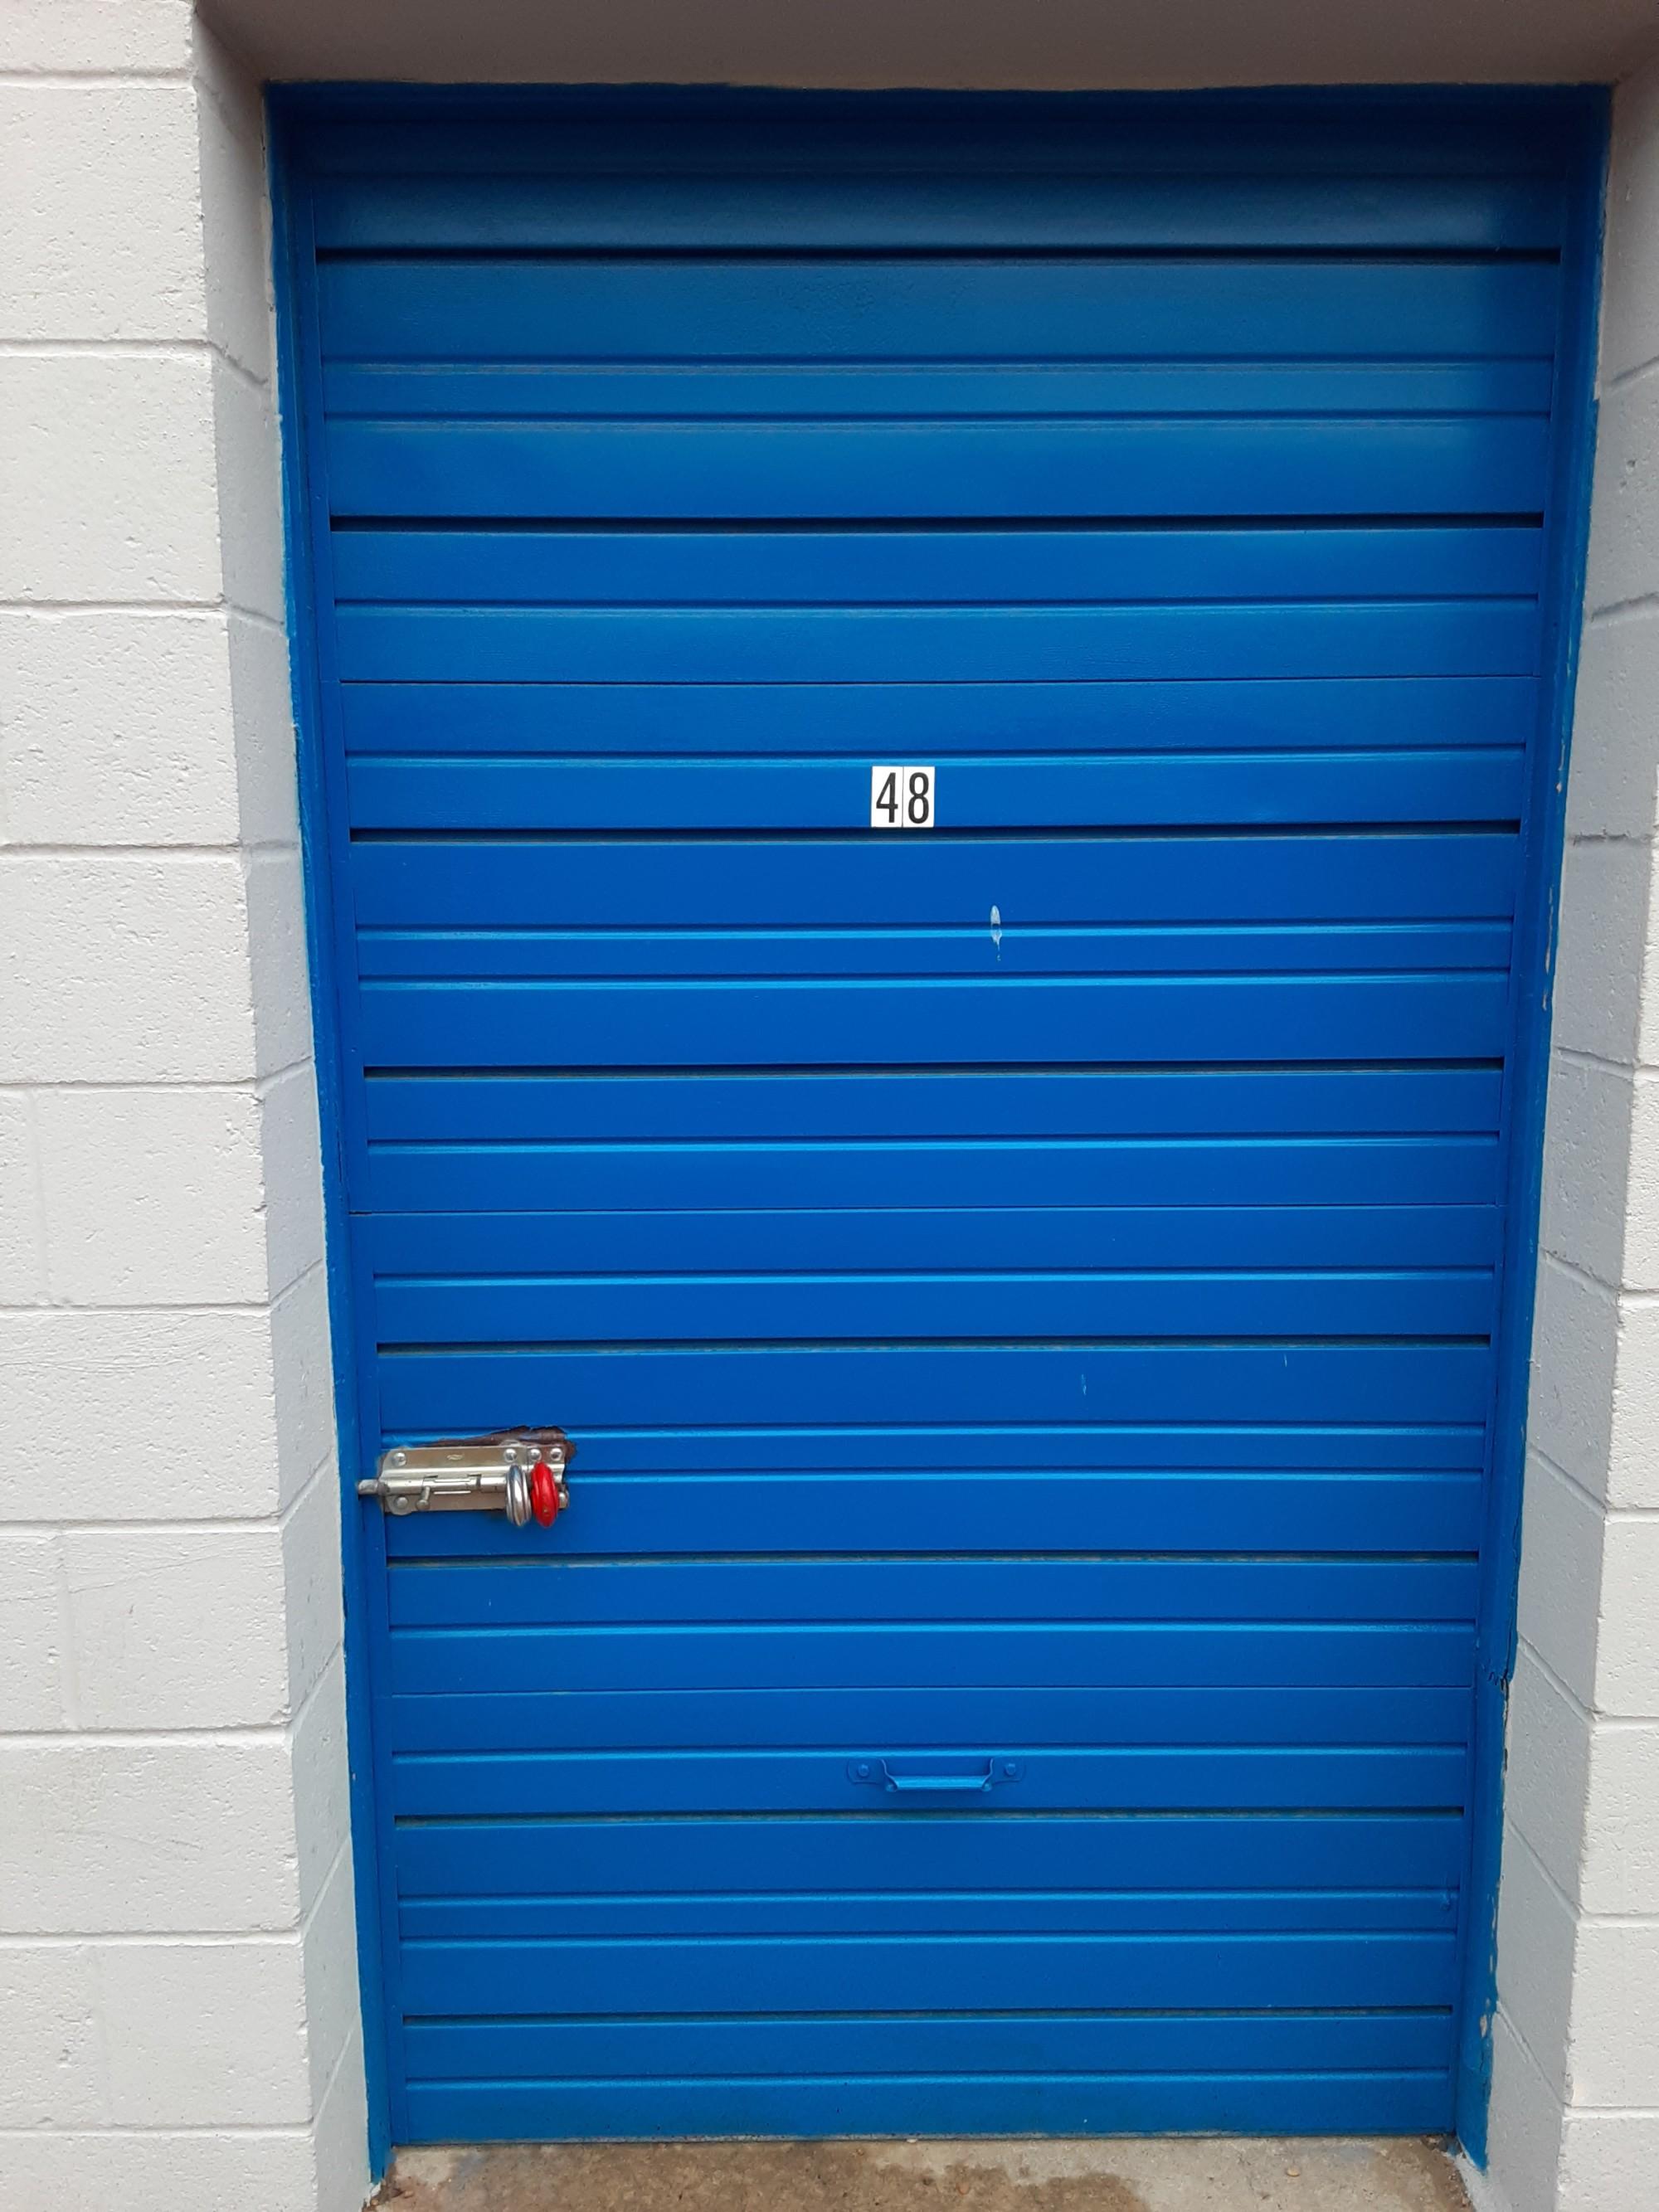 Storage Unit Auction 974155 Garland Tx